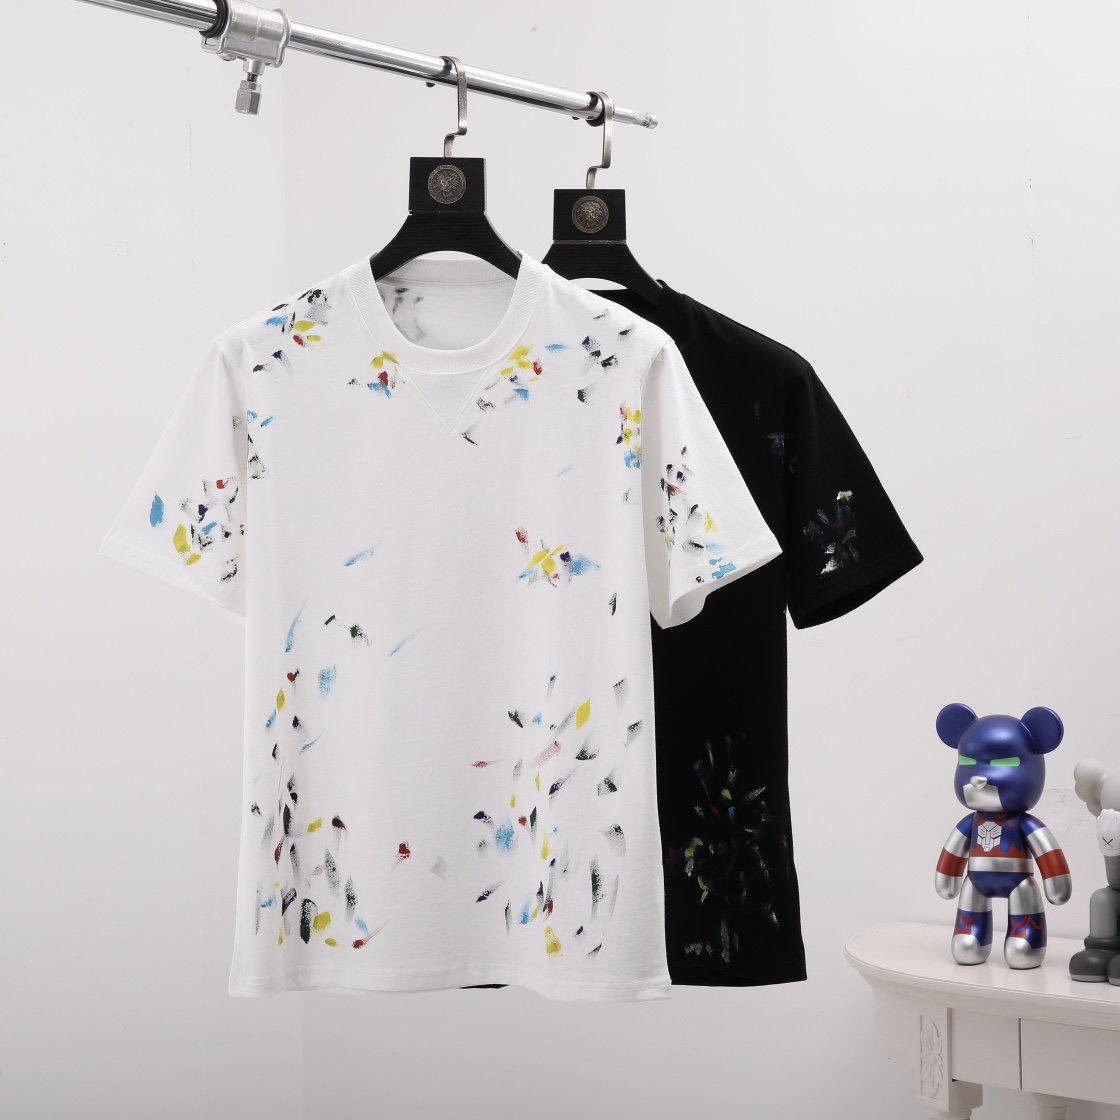 Fransız Paris Yağı Renk Fırça Baskı Bahar Ve Yaz Yeni T-Shirt Erkekler Ve Kadın Stilleri Siyah Vahşi Rahat Pamuk Kısa Kollu Tişört